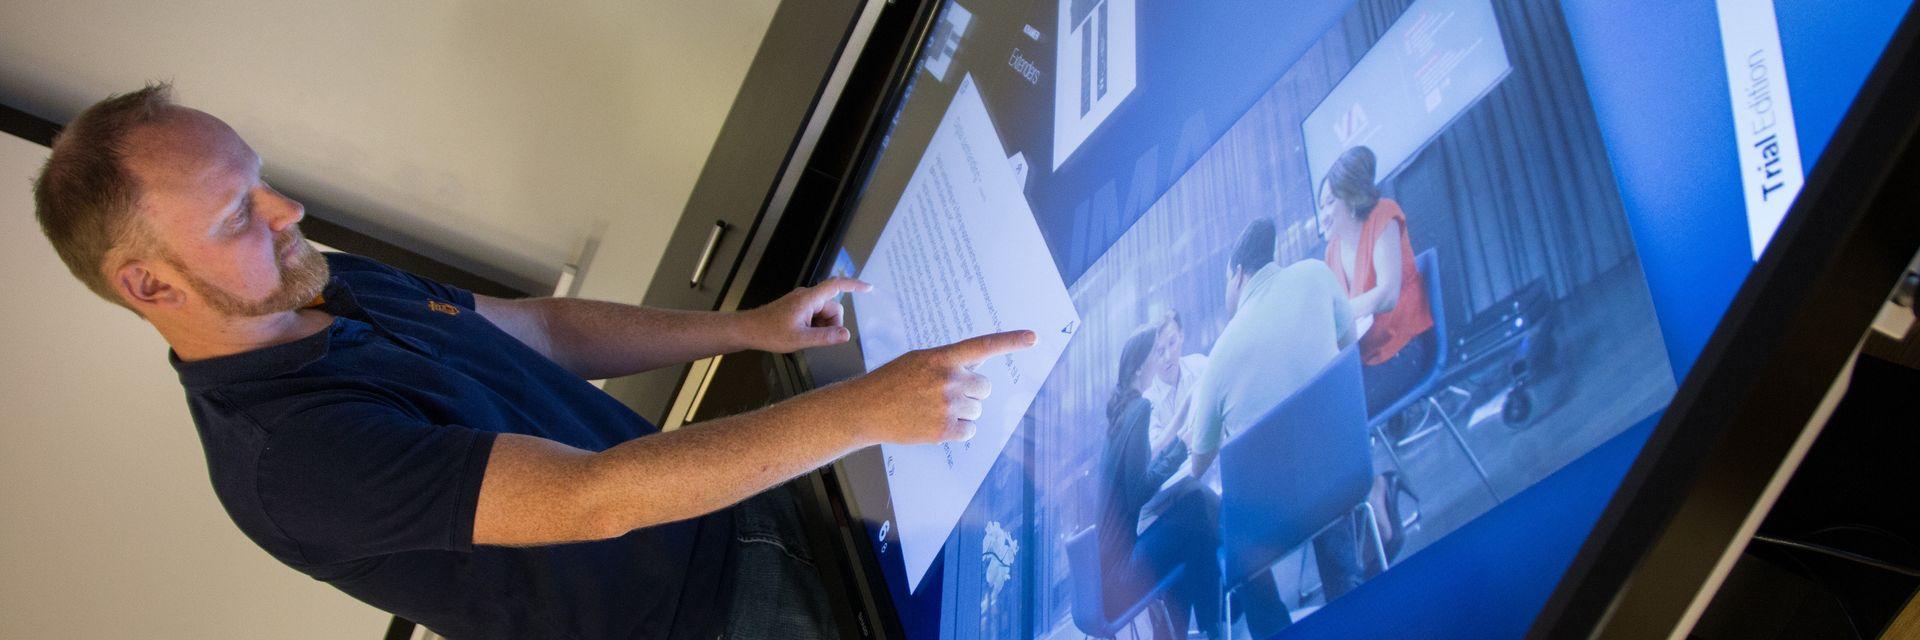 ALLE FORMER FOR BRUK: En god touch-skjerm kan både brukes som tradisjonell undervisningstable, og touch-bord ved at den vippes ned. Høydejustering av skjermen er også lurt for å gi alle lærere en komfortabel arbeidshøyde. Og siden alt som er skrevet på skjermen skjer digitalt, kan læreren sende en skjermdump av alle notatene rett til samtlige elever.